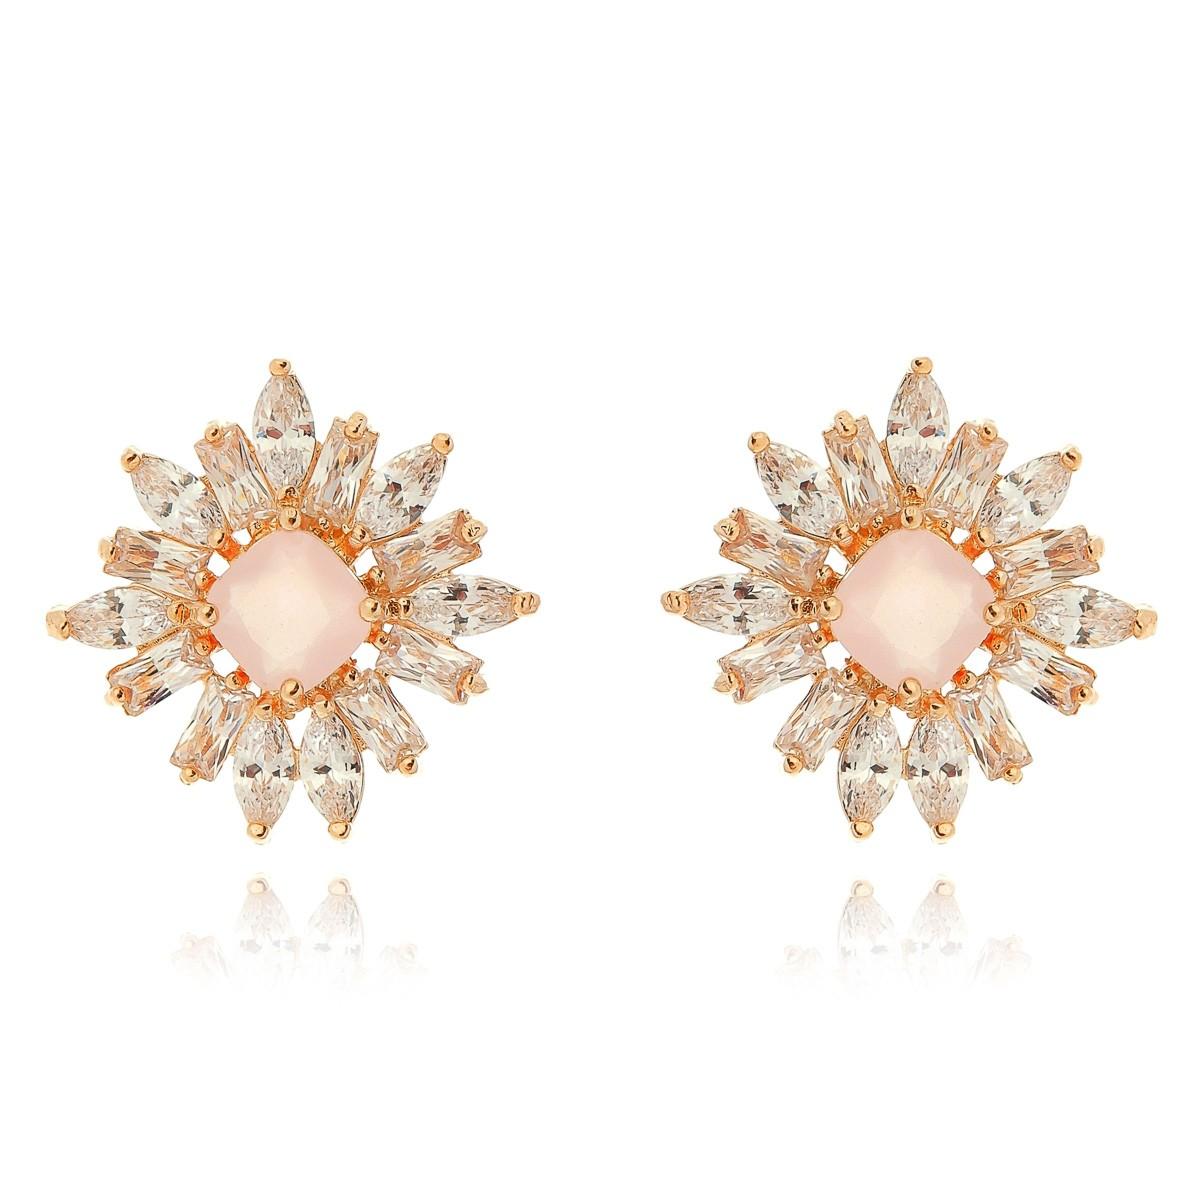 Brinco Quartzo Rosa Quadrado Semijoia em Ouro Rosé 18K com Zircônia Branca Brilhante  - Soloyou